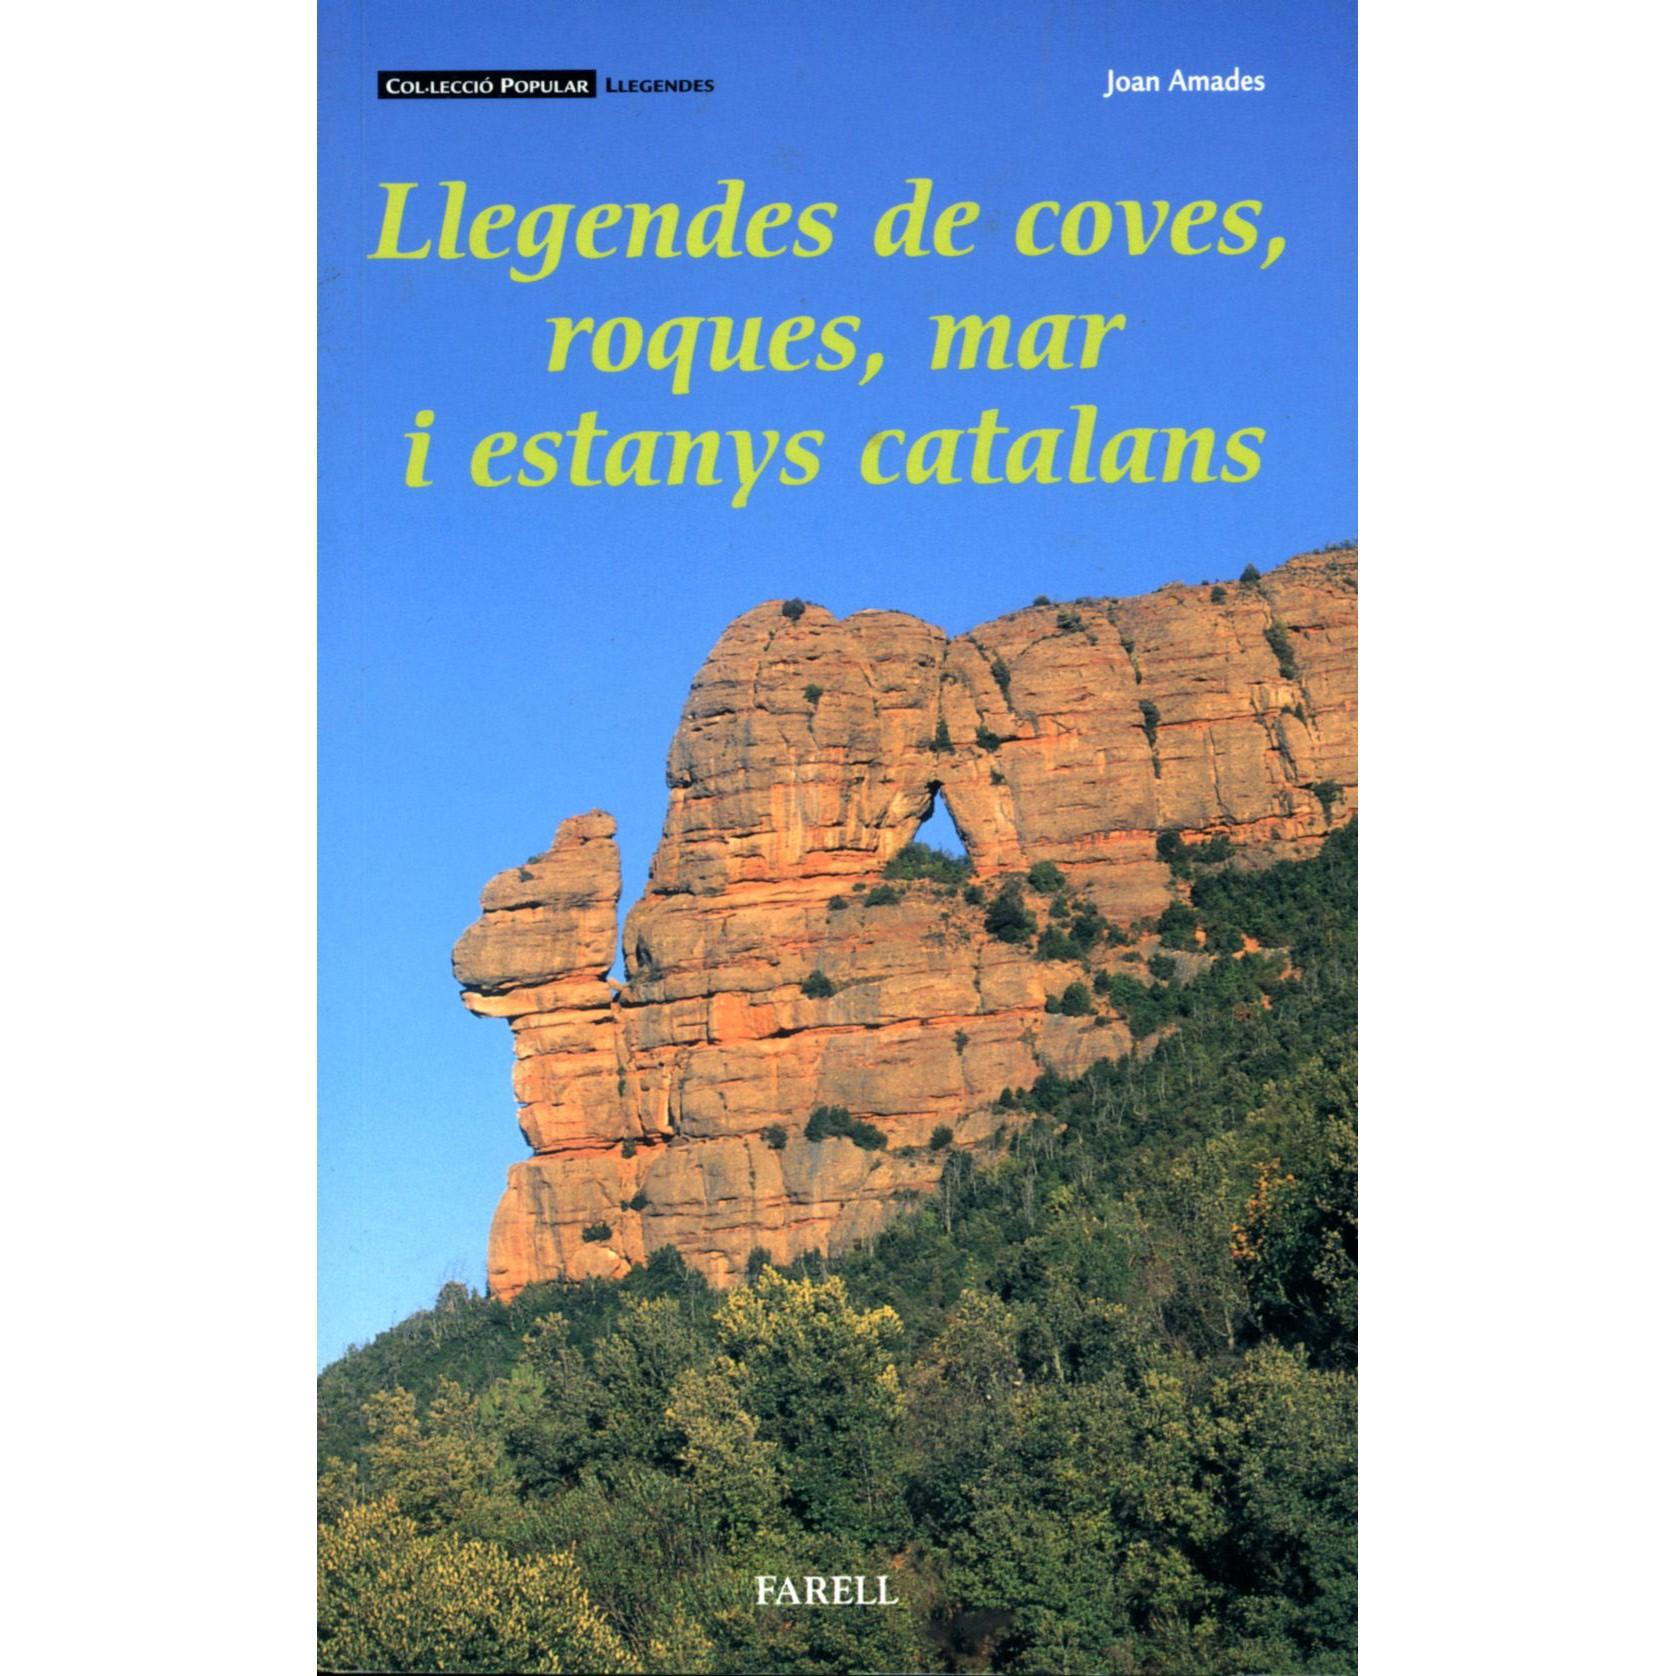 Recull de llegendes de Joan Amades sobre coves, estanys, etc.